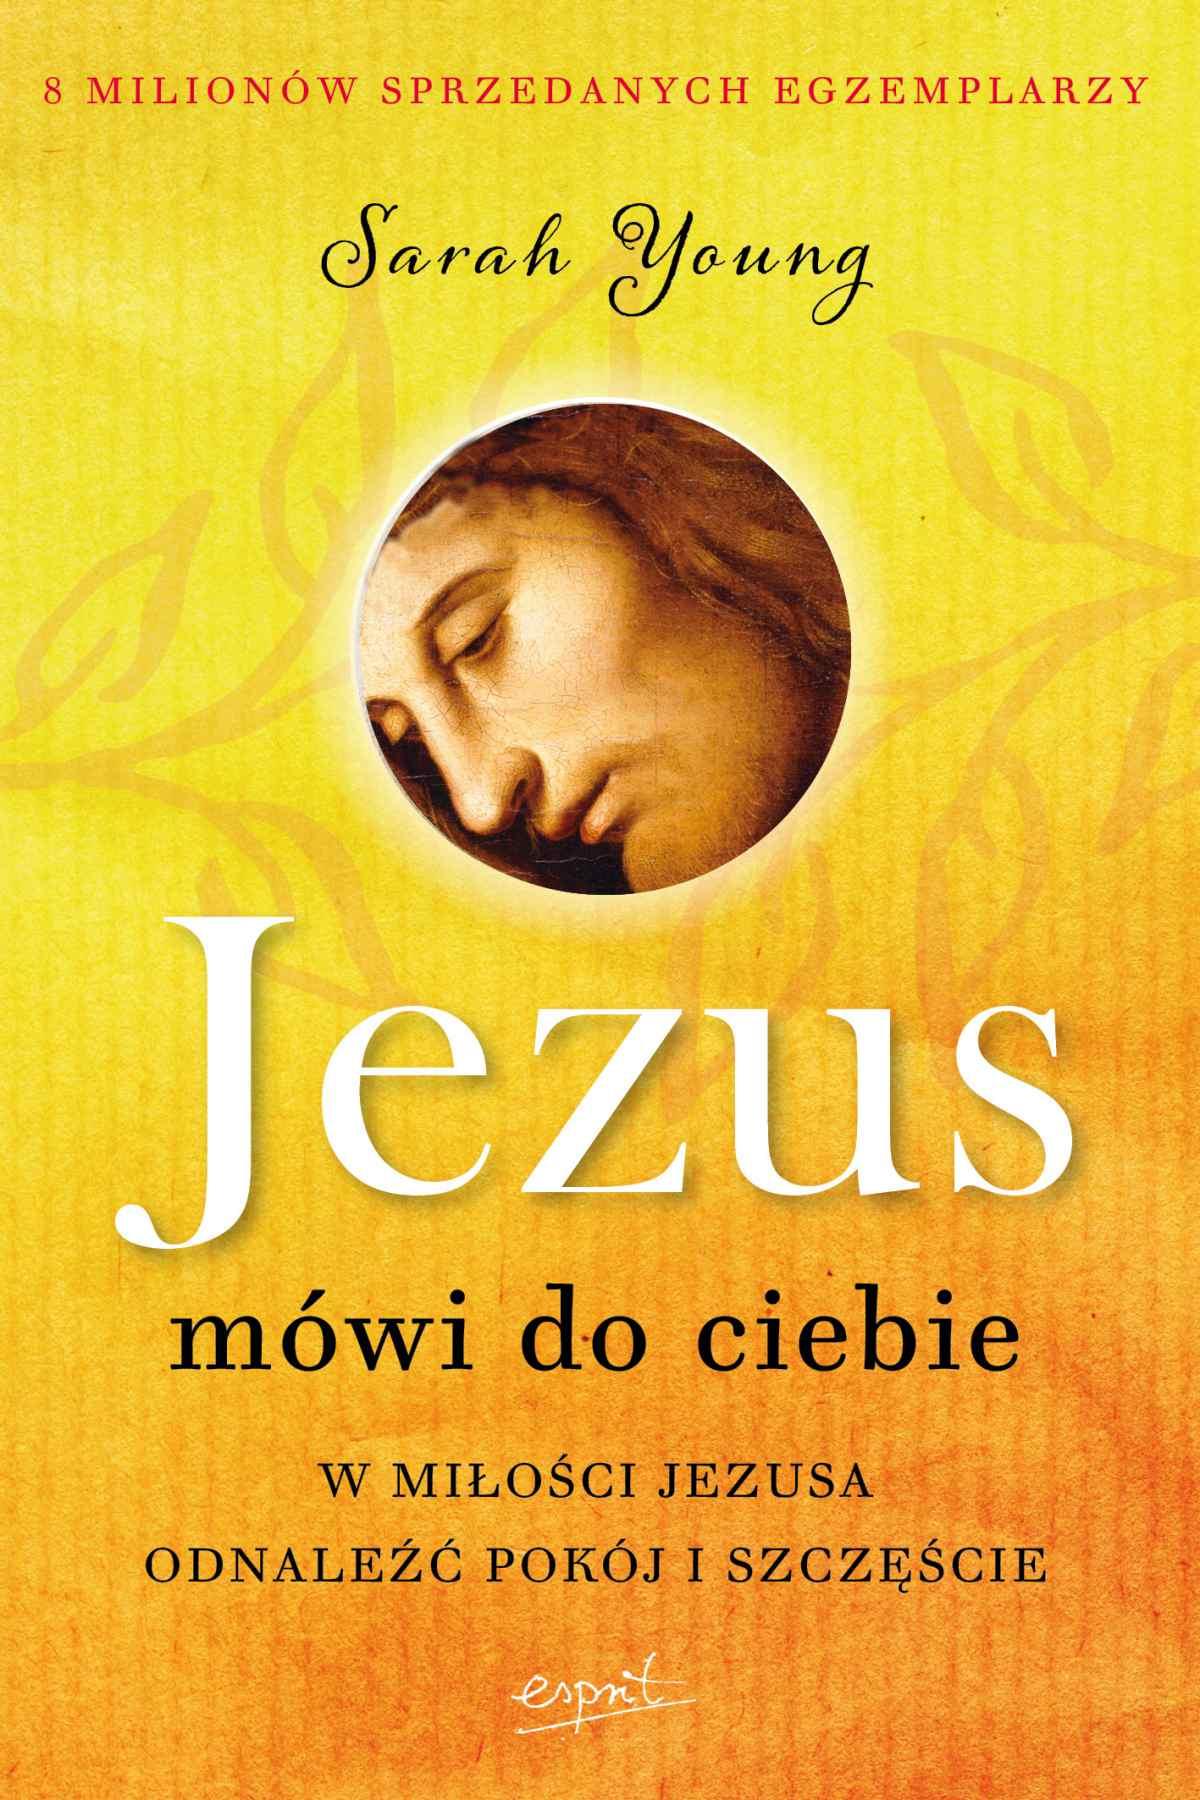 Jezus mówi do Ciebie - Ebook (Książka na Kindle) do pobrania w formacie MOBI